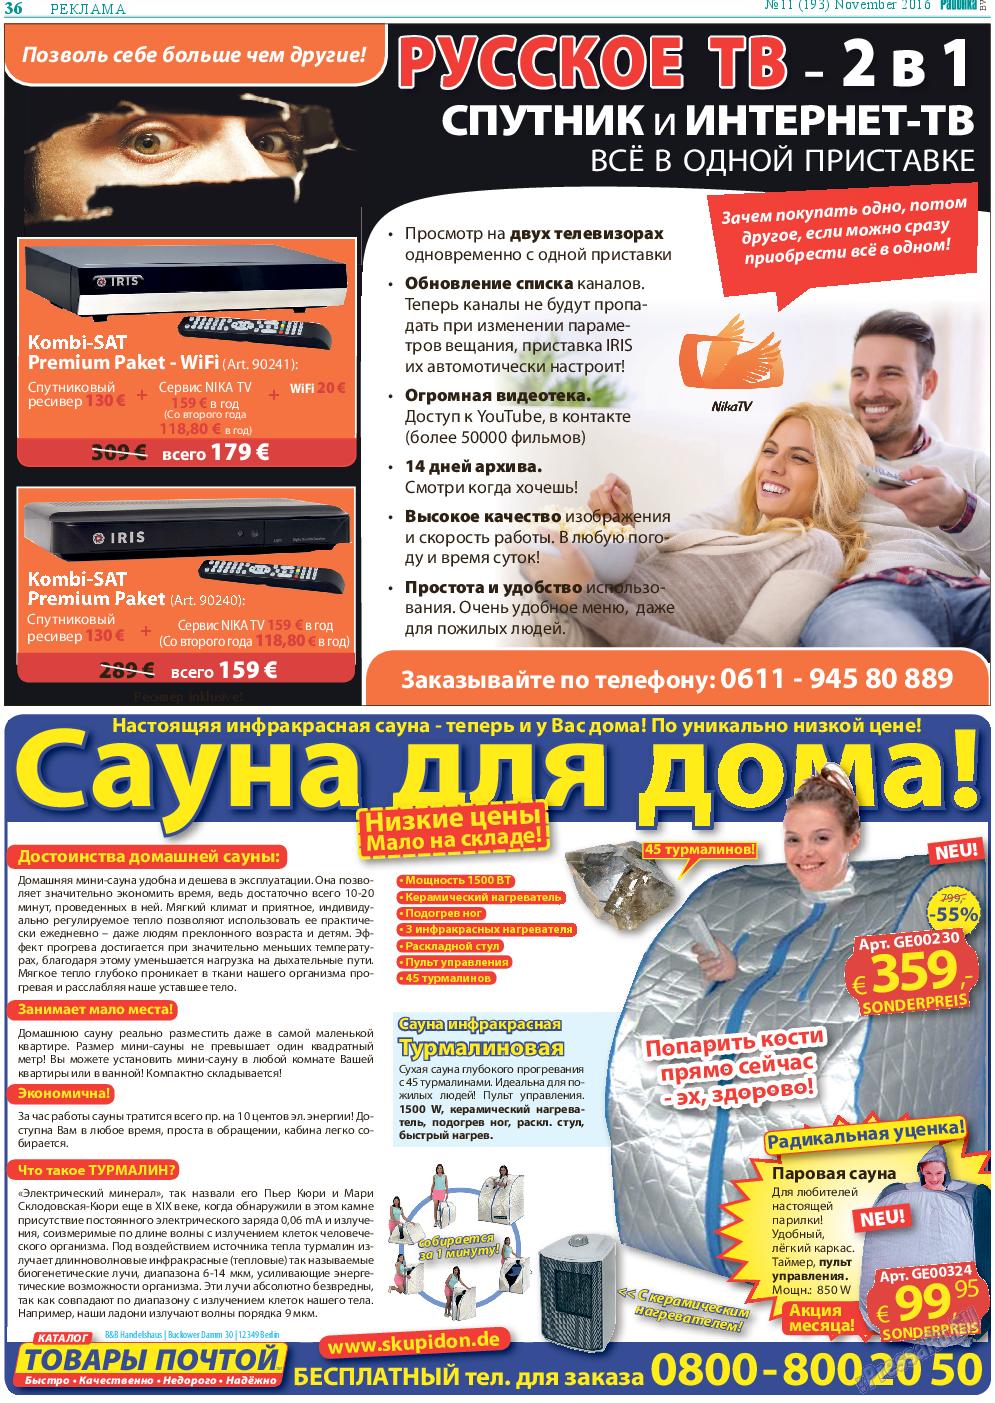 Районка-West (газета). 2016 год, номер 11, стр. 36